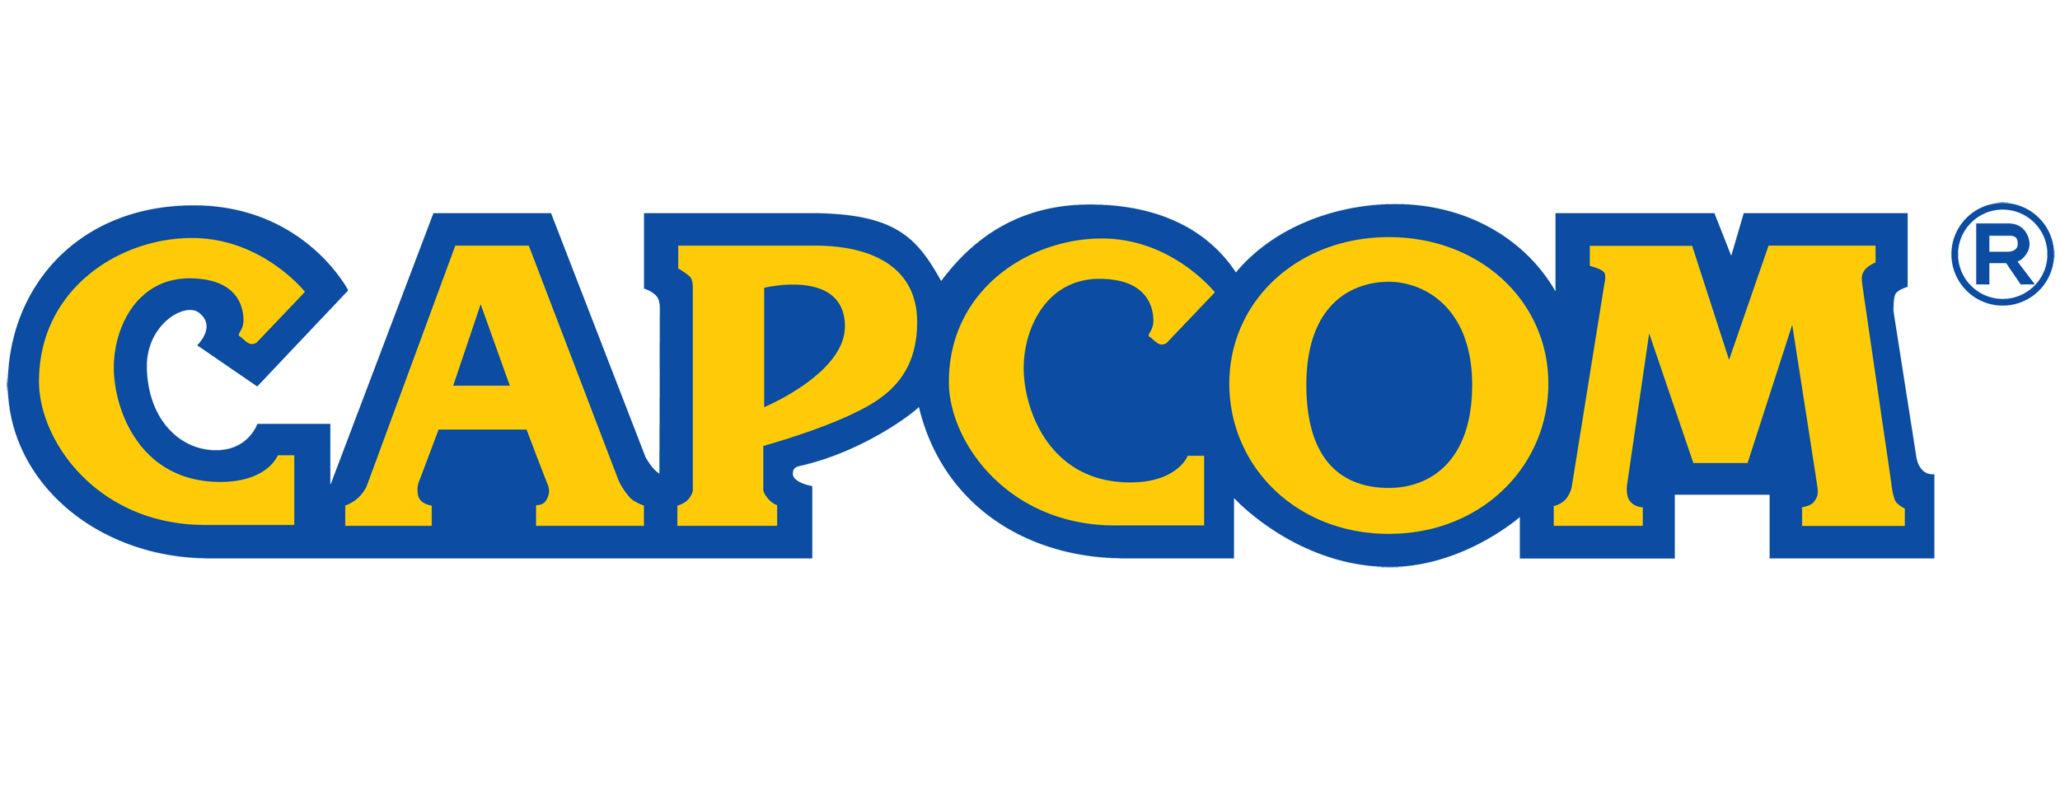 گزارش مالی و برنامههای آینده Capcom | فروش ۷٫۹ میلیون نسخهای Monster Hunter World